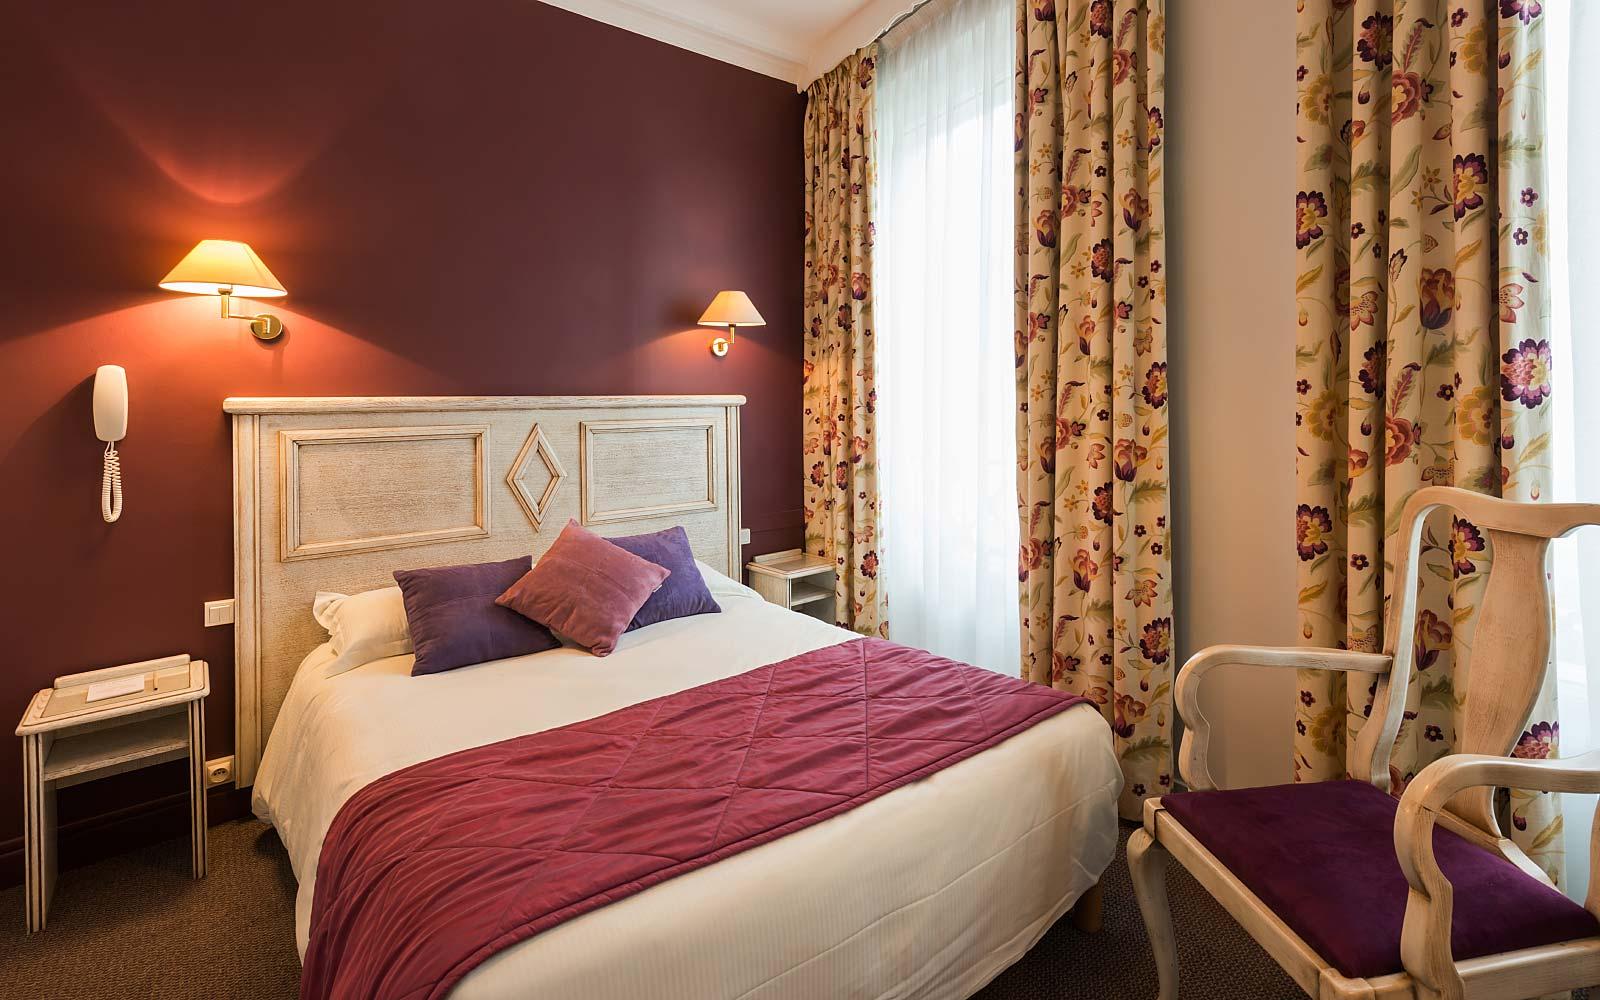 Chambres confort hotel vivienne op ra for Hotel paris chambre 5 personnes